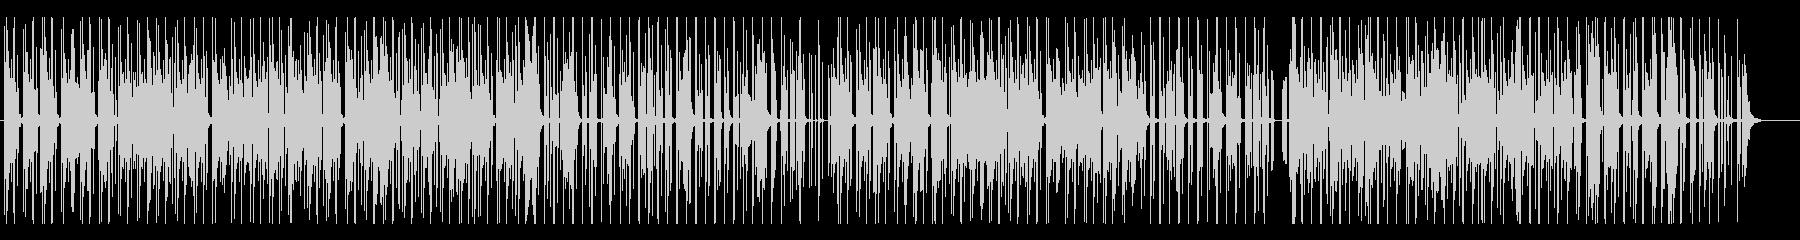 独創的なテクノ風ビート曲の未再生の波形